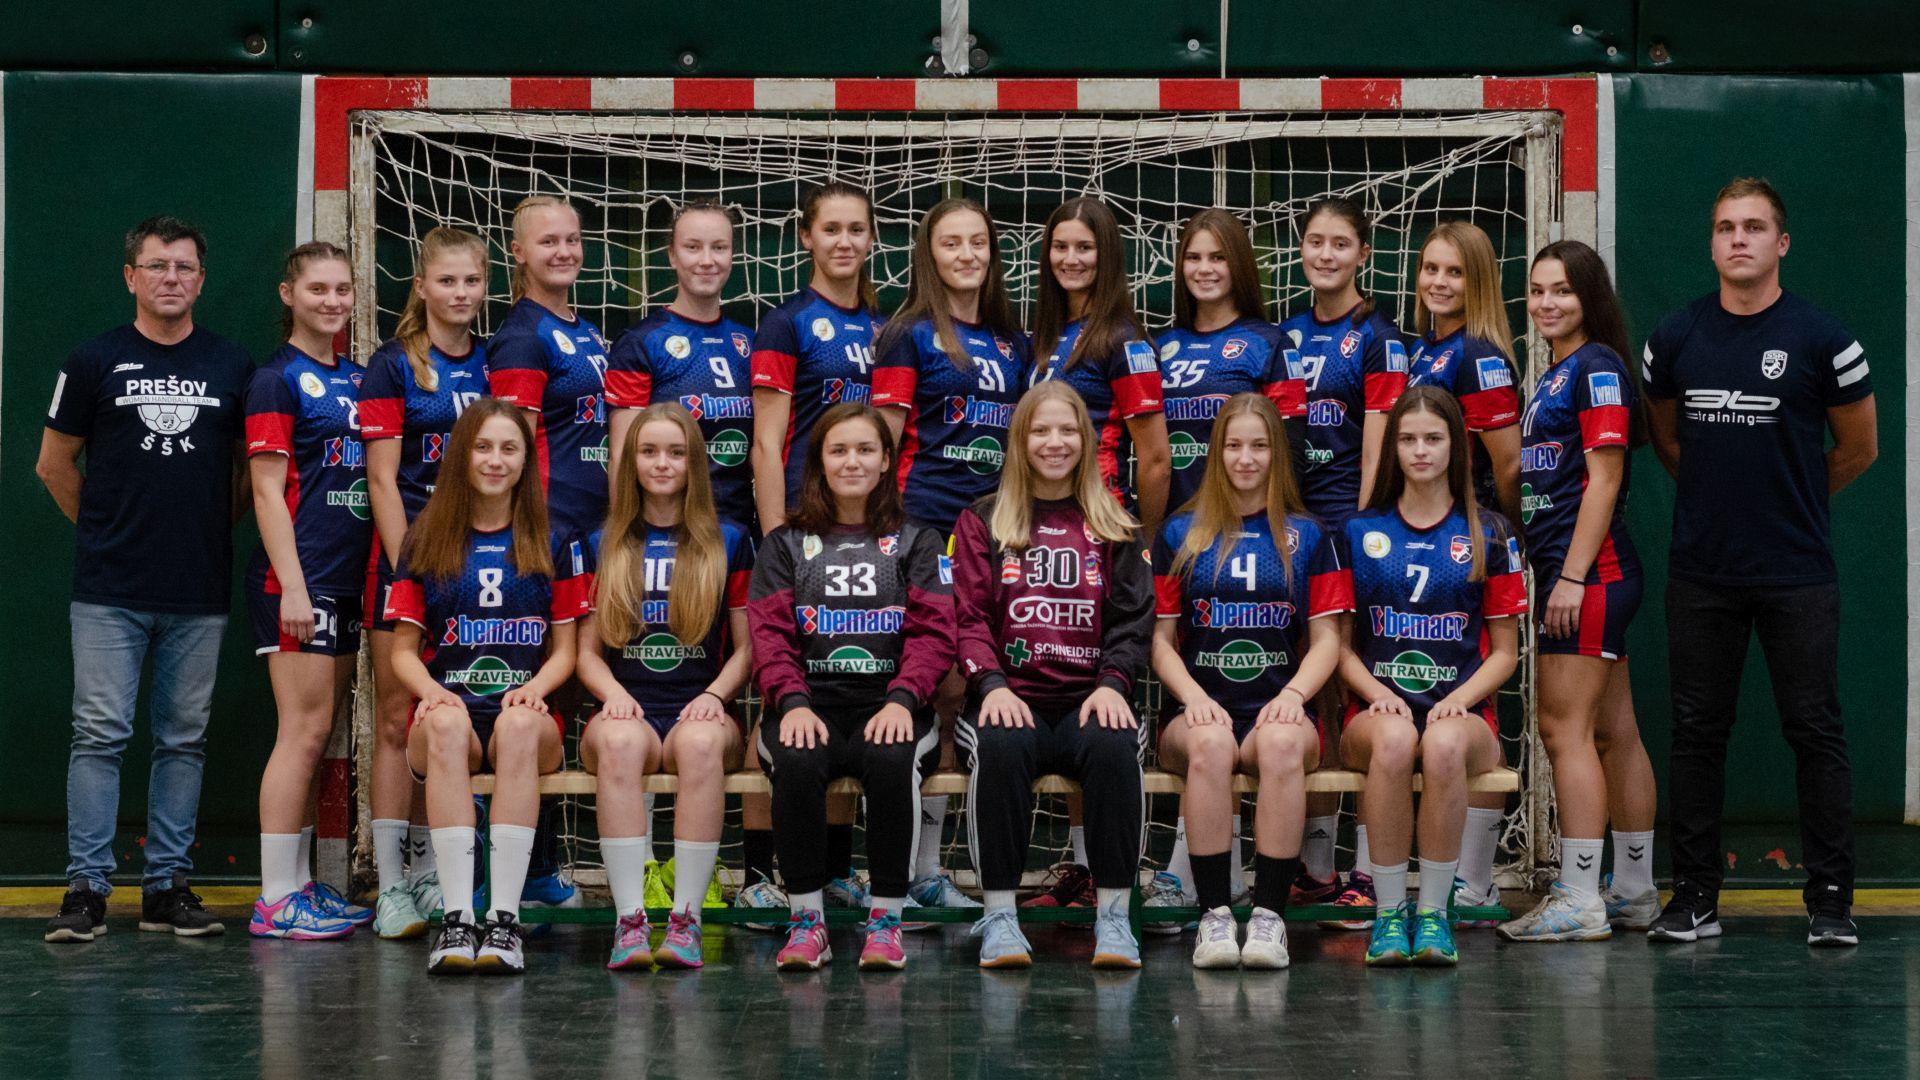 Dorastenky ŠŠK Prešov aj naďalej medzi troma najlepšími